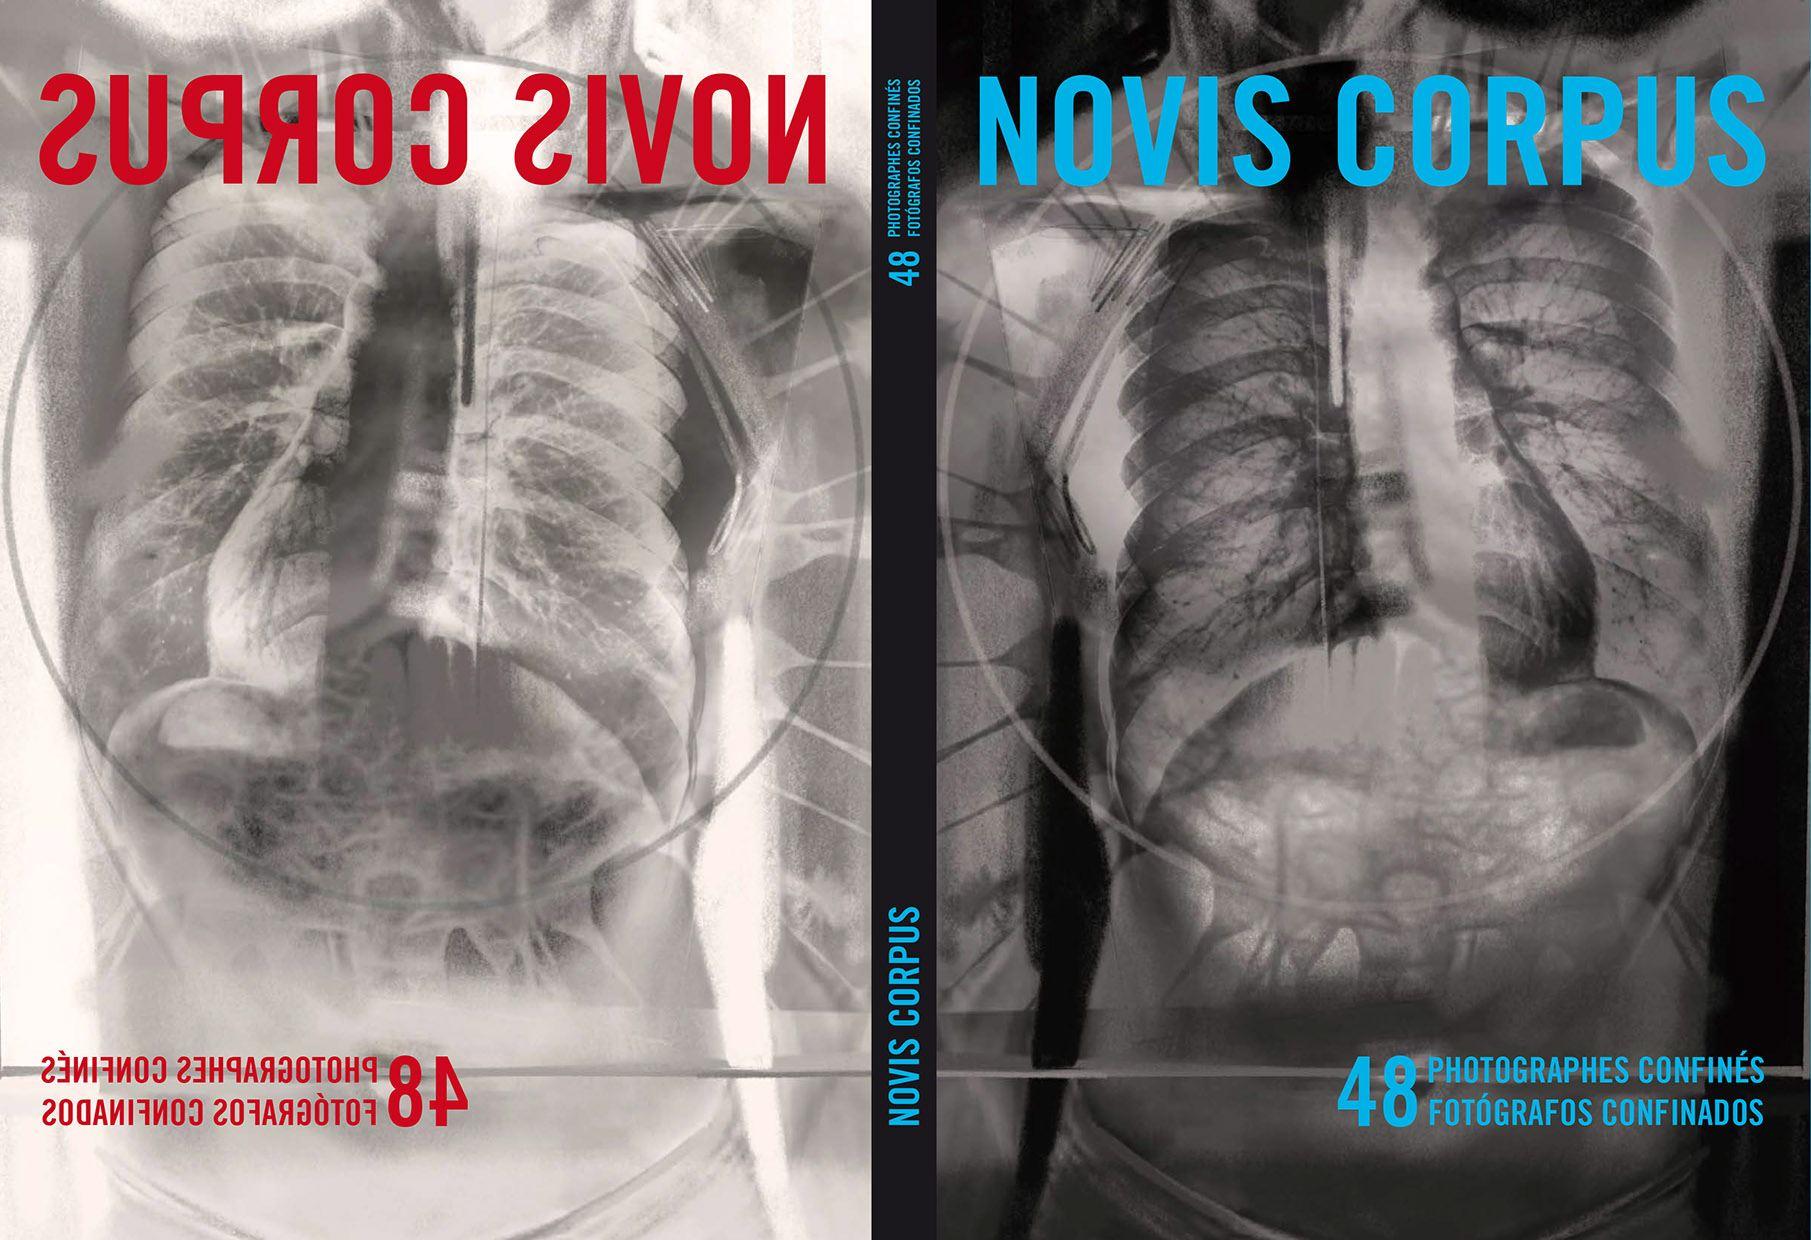 Novis Corpus. Imágenes de un confinamiento